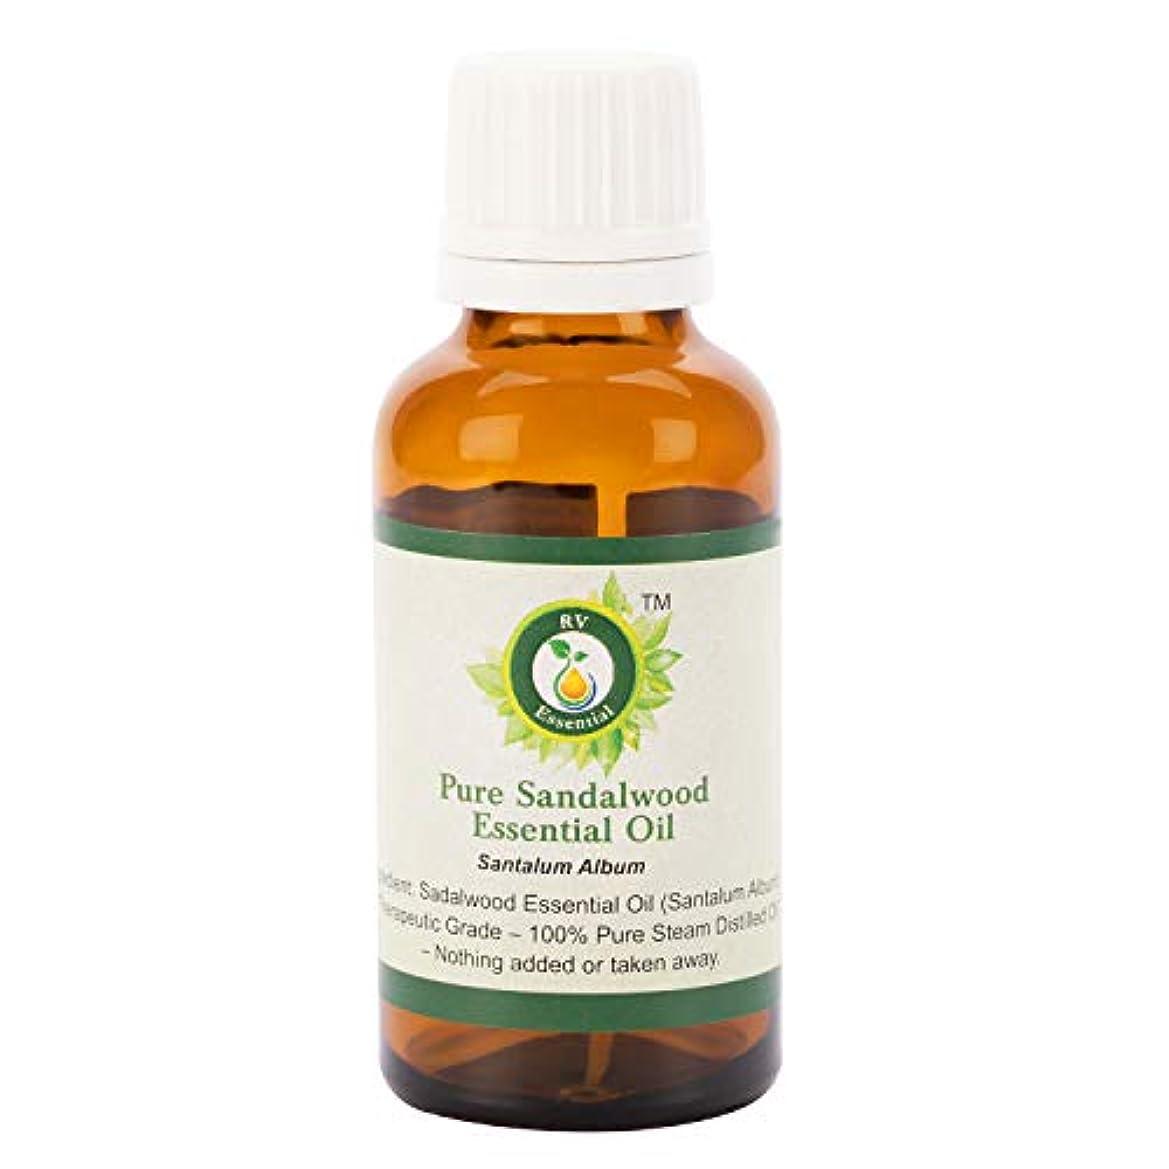 完璧なアルミニウム直立ピュアサンダルウッドエッセンシャルオイル100ml (3.38oz)- Santalum Album (100%純粋&天然スチームDistilled) Pure Sandalwood Essential Oil